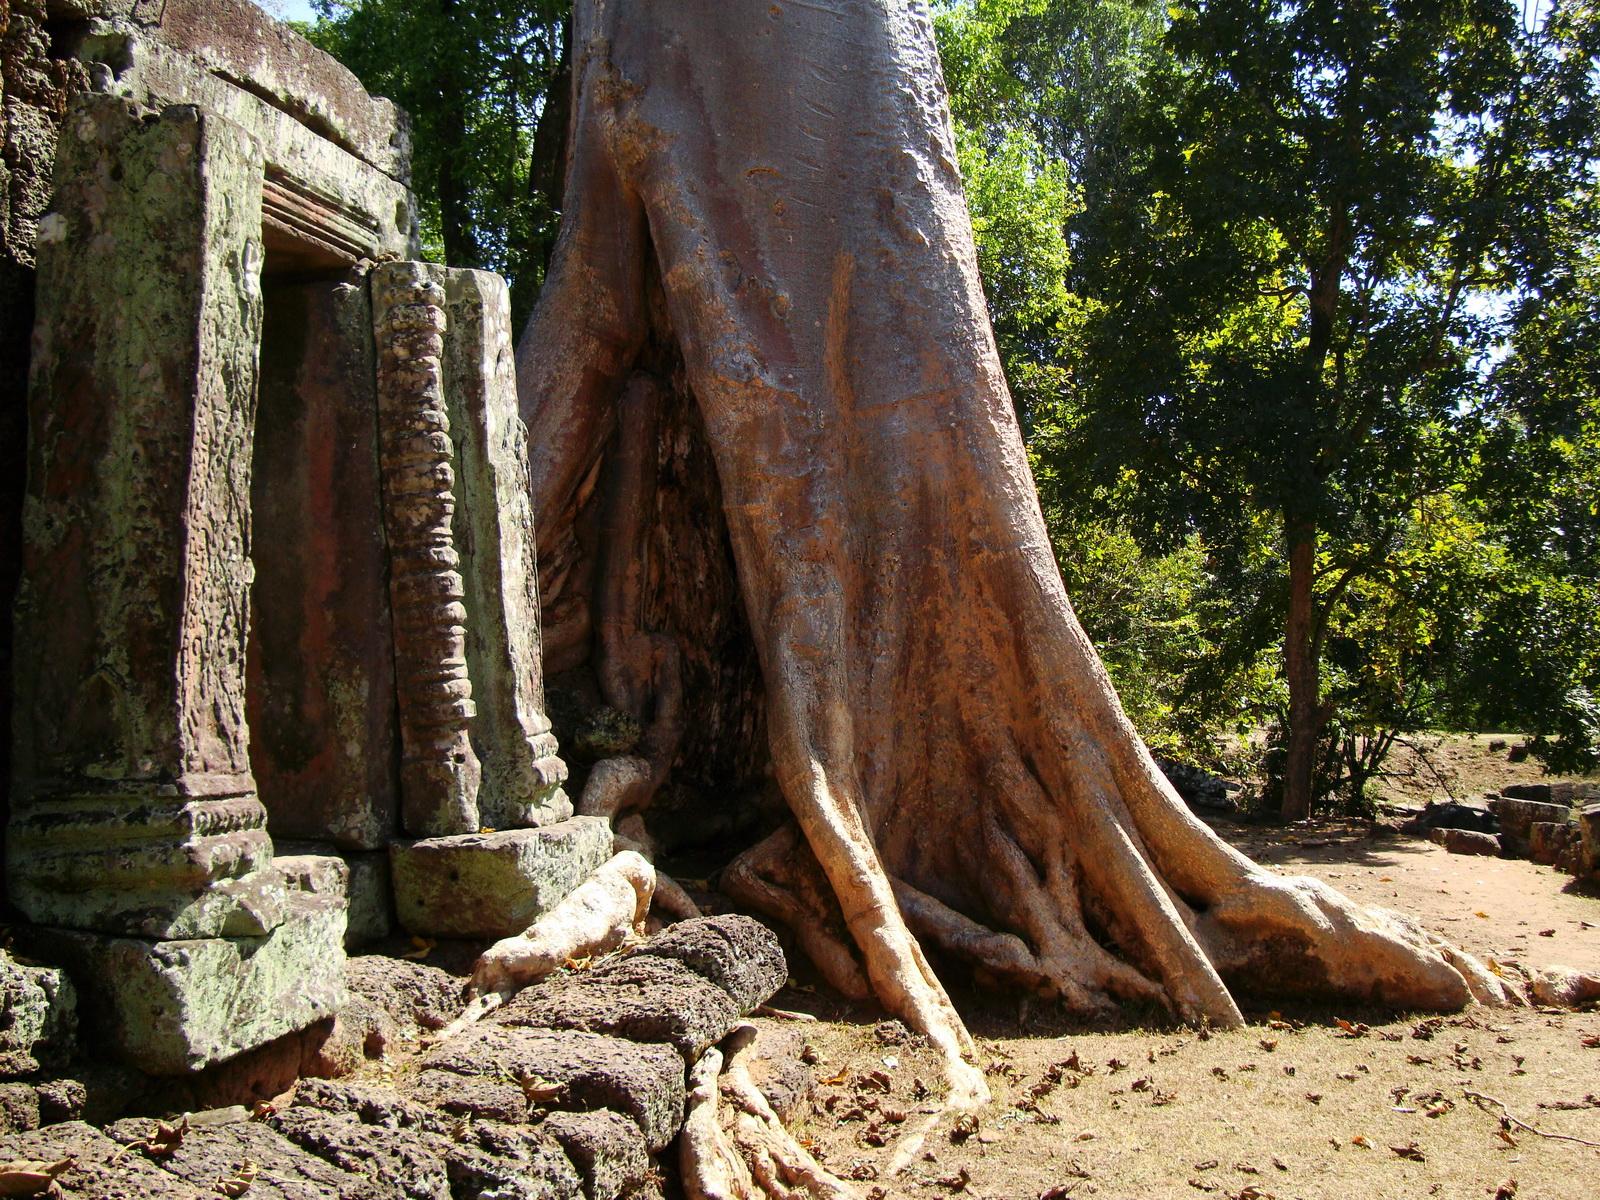 D Banteay Kdei Temple western entrance giant tree 09